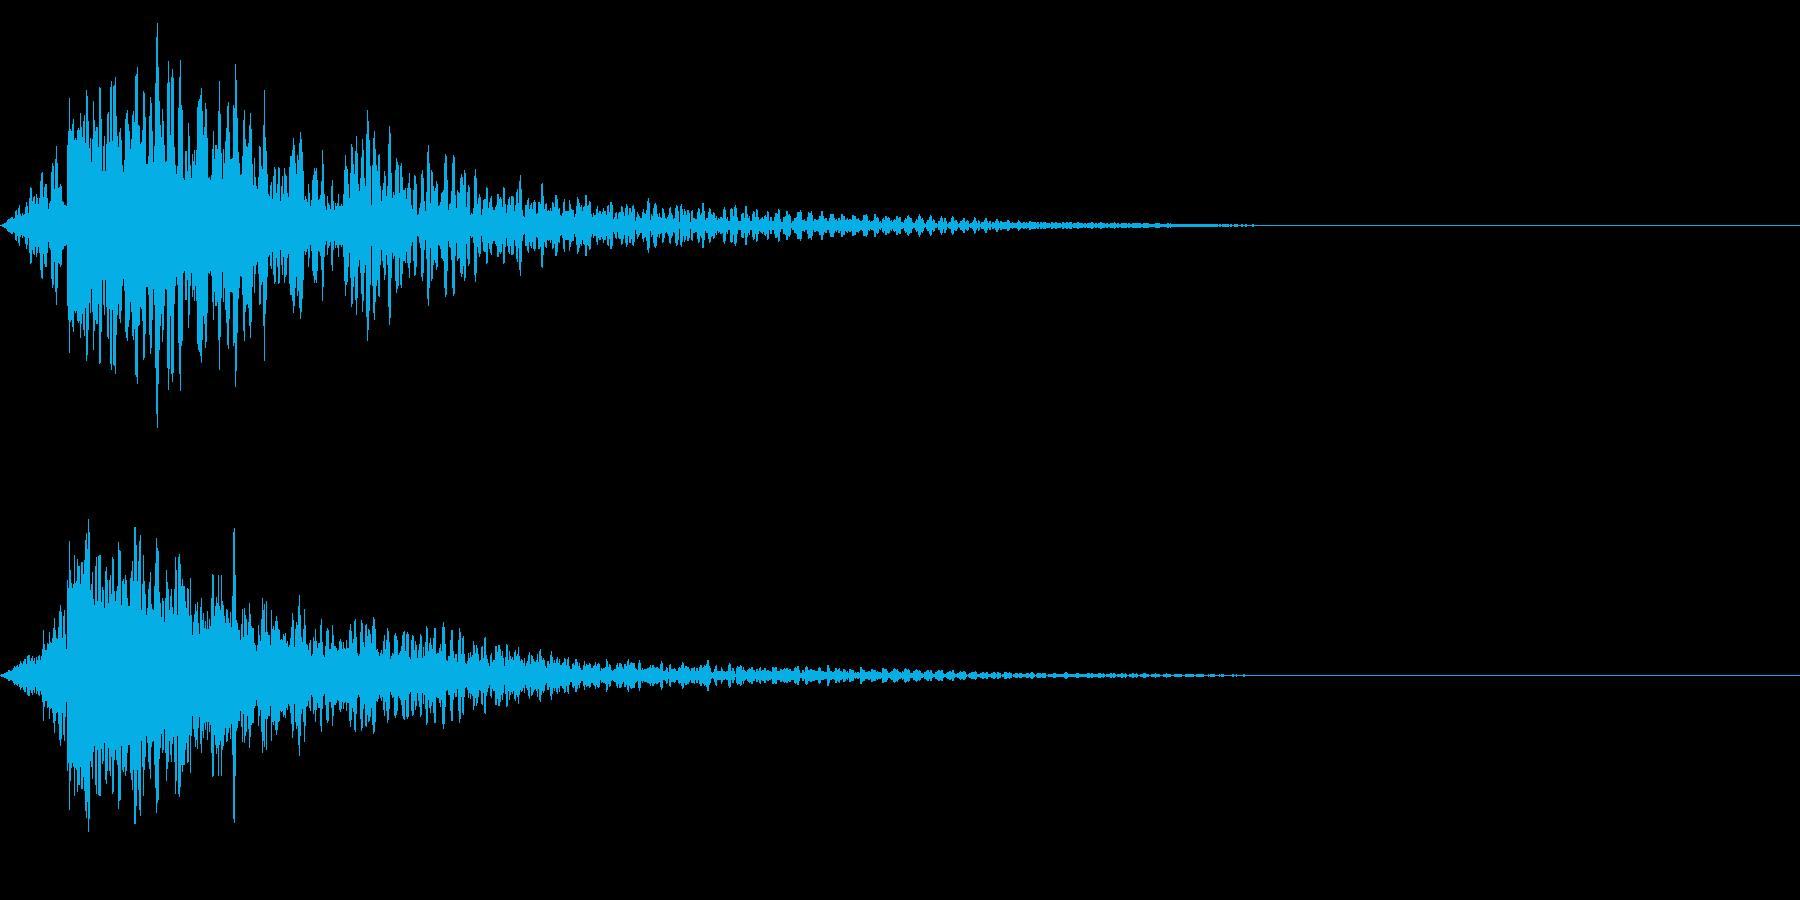 ホラー系アタック音98の再生済みの波形